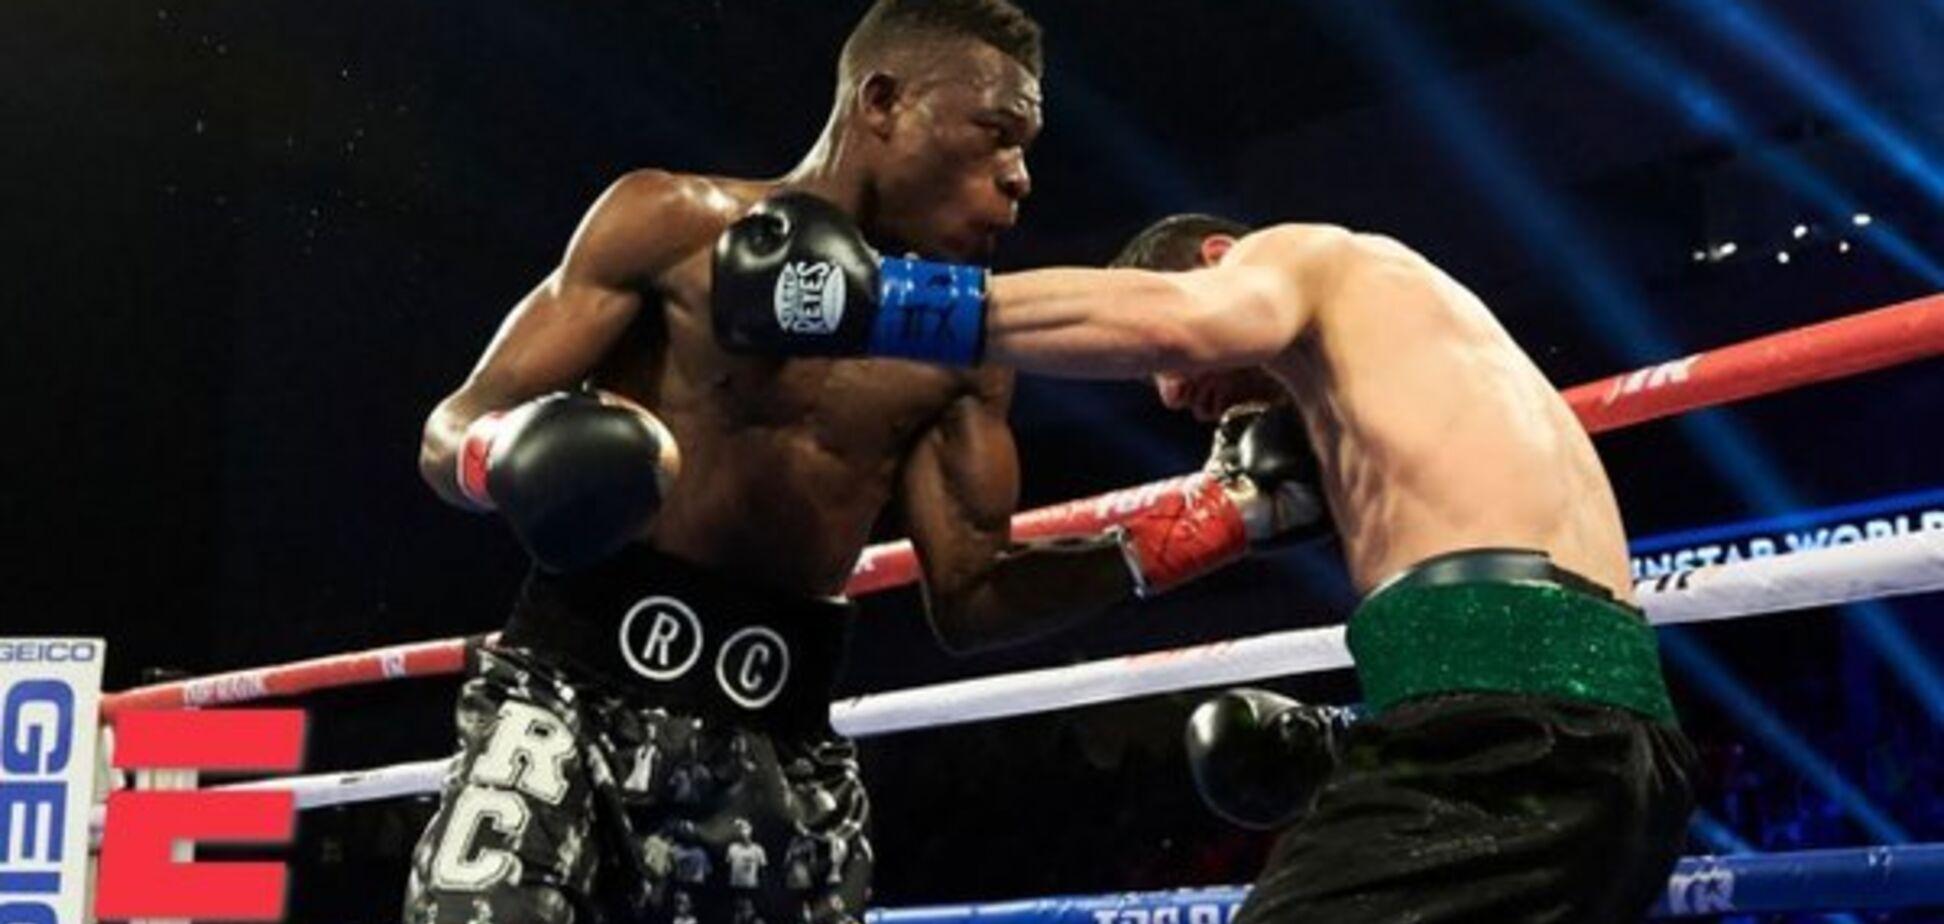 Новий чемпіон світу! Російського боксера забили в США, позбавивши бою з Ломаченком — відео нокауту